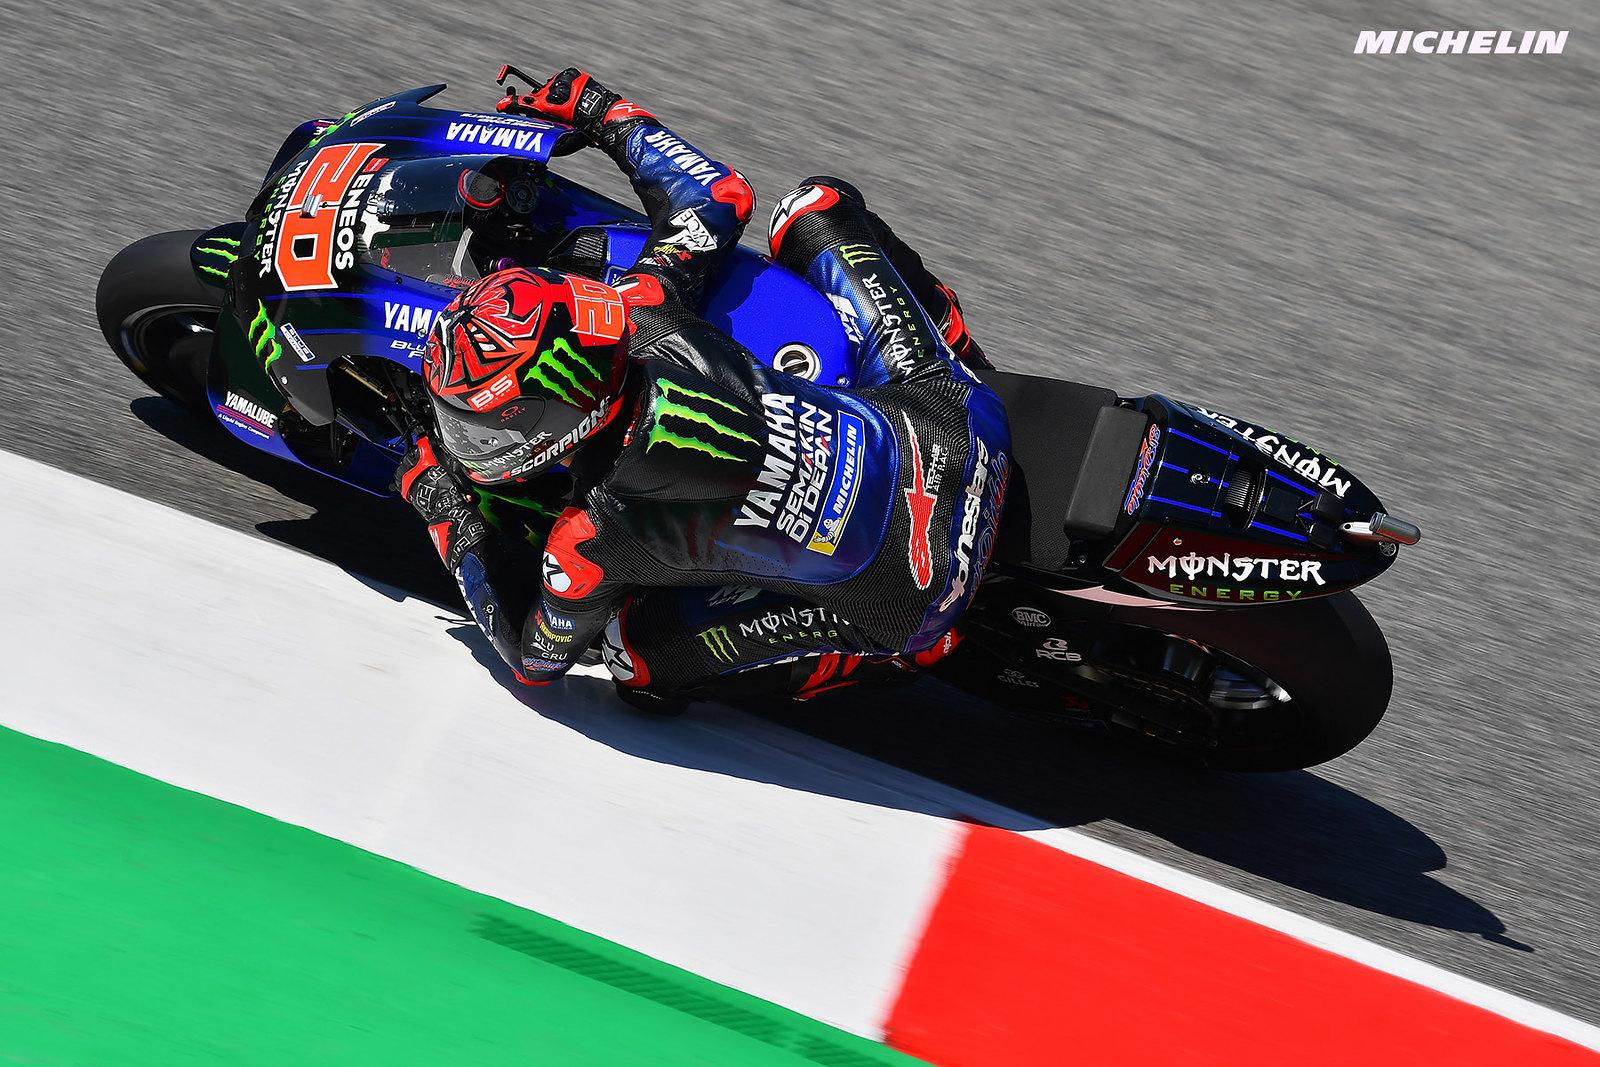 MotoGP2021イタリアGP 初日総合4位 ファビオ・クアルタラロ「ミディアムで走り込んでみようと思う」